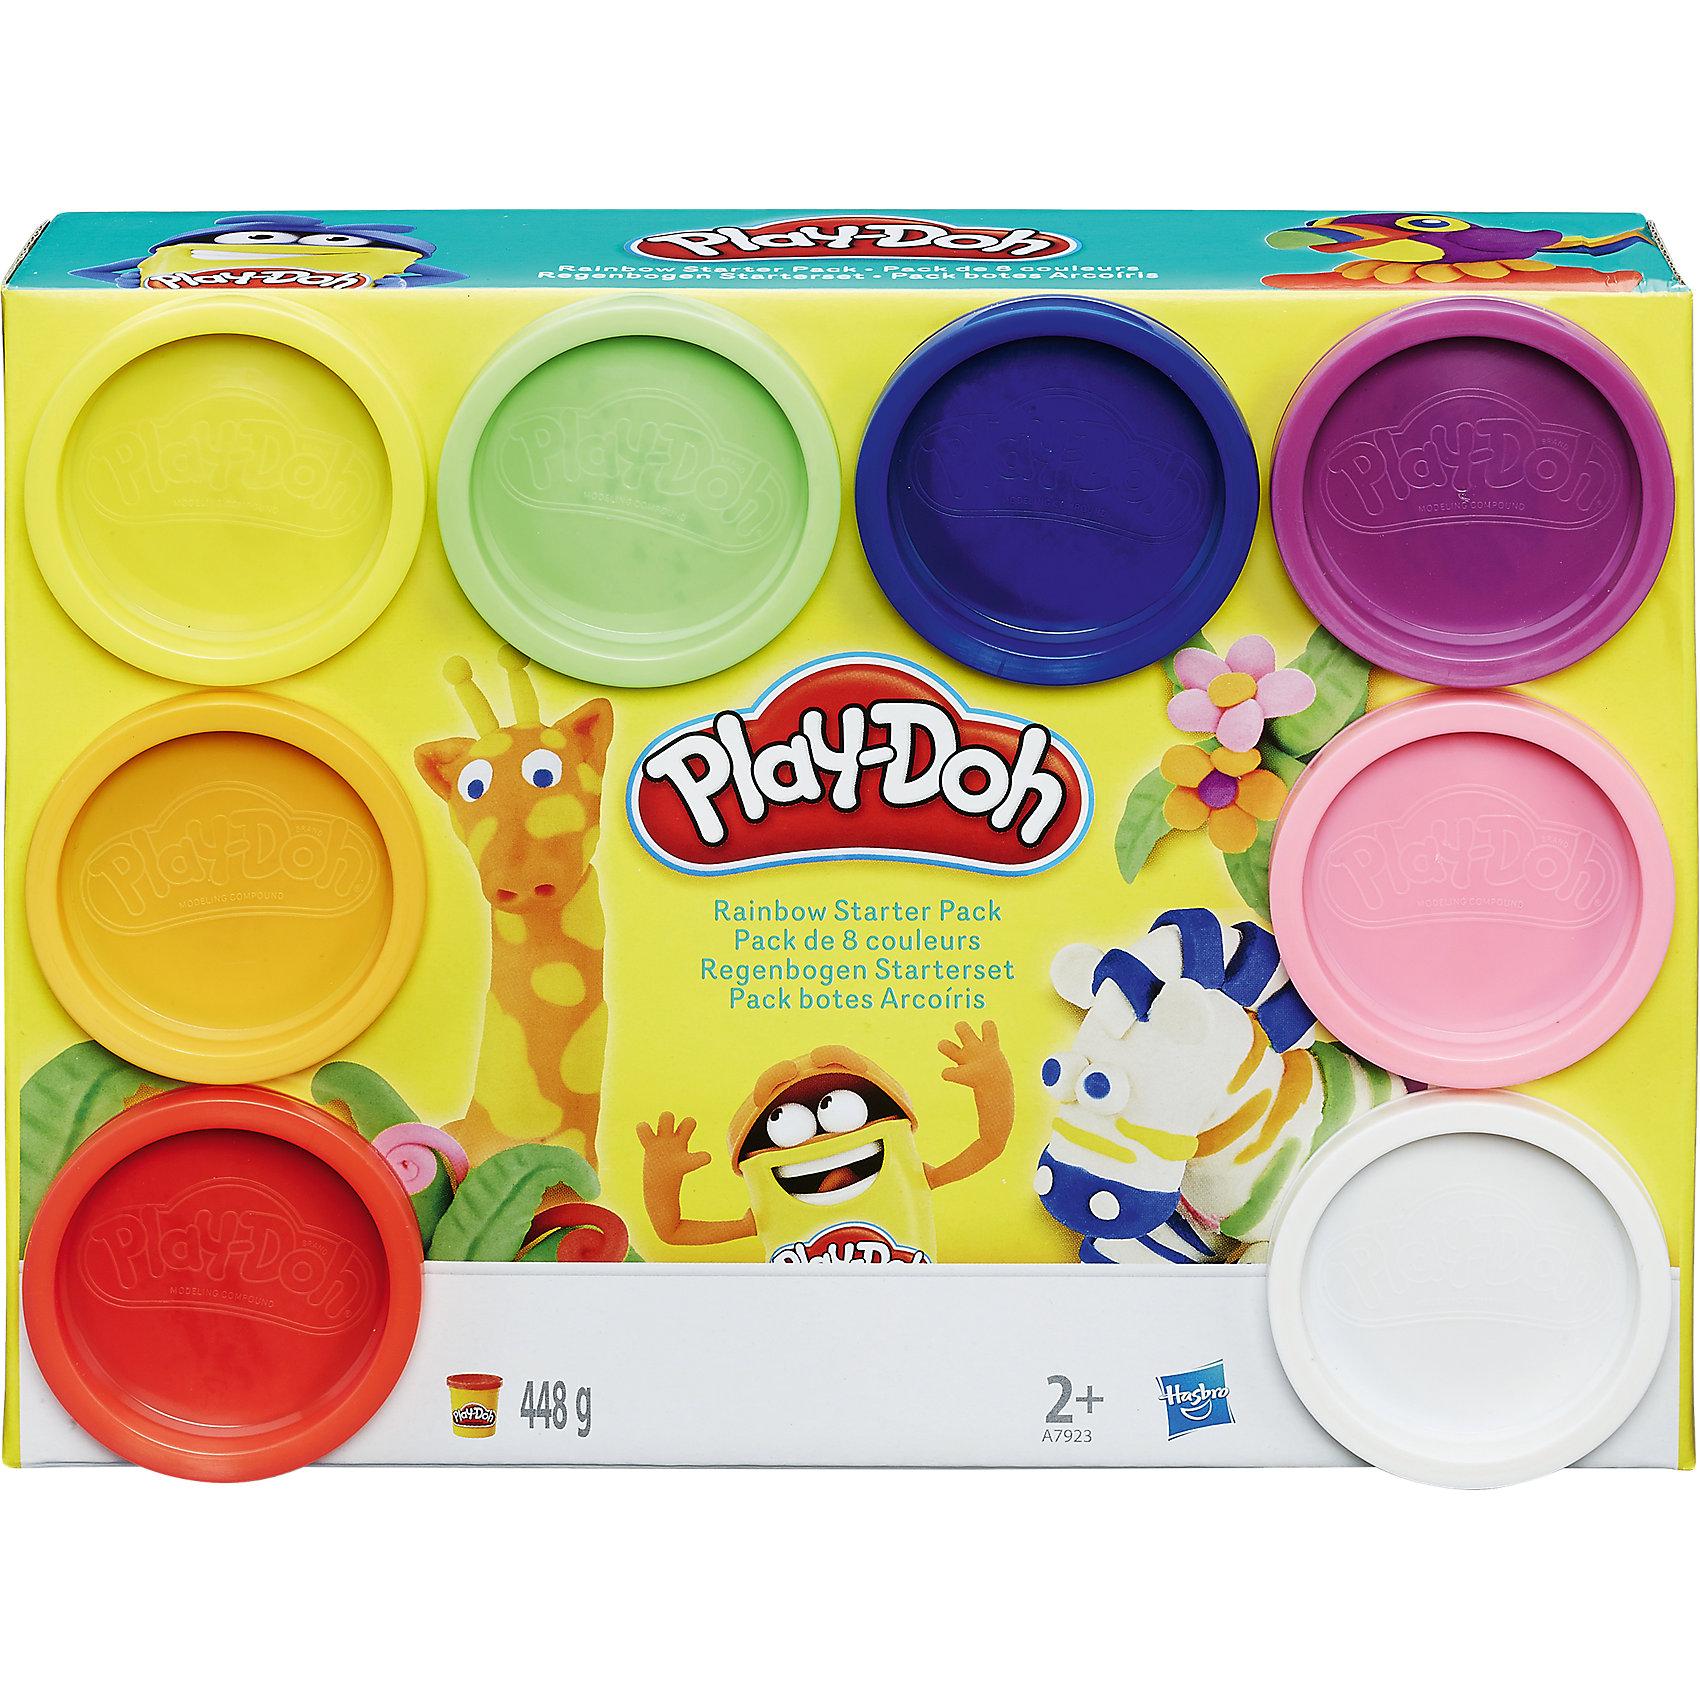 Набор 8 банок пластилина, Play-DohЛепка - один из лучших способов развития мелкой моторики рук, воображения и изучения цветов и их сочетаний. Пластилин Плей-До (Play-Doh) очень пластичный, яркие сочетания цветов обязательно привлекут малыша создавать из пластилина различные поделки.<br><br>Дополнительная информация:<br><br>- в комплекте 8 банок пластилина Play-Doh разных цветов<br>- масса каждой банки: 56 г<br>- Размеры упаковки: 22 х 16 х 6 см<br><br>Набор 8 банок пластилина, Play-Doh (Плей До) можно купить в нашем магазине.<br><br>Ширина мм: 219<br>Глубина мм: 162<br>Высота мм: 60<br>Вес г: 584<br>Возраст от месяцев: 24<br>Возраст до месяцев: 60<br>Пол: Унисекс<br>Возраст: Детский<br>SKU: 3766229